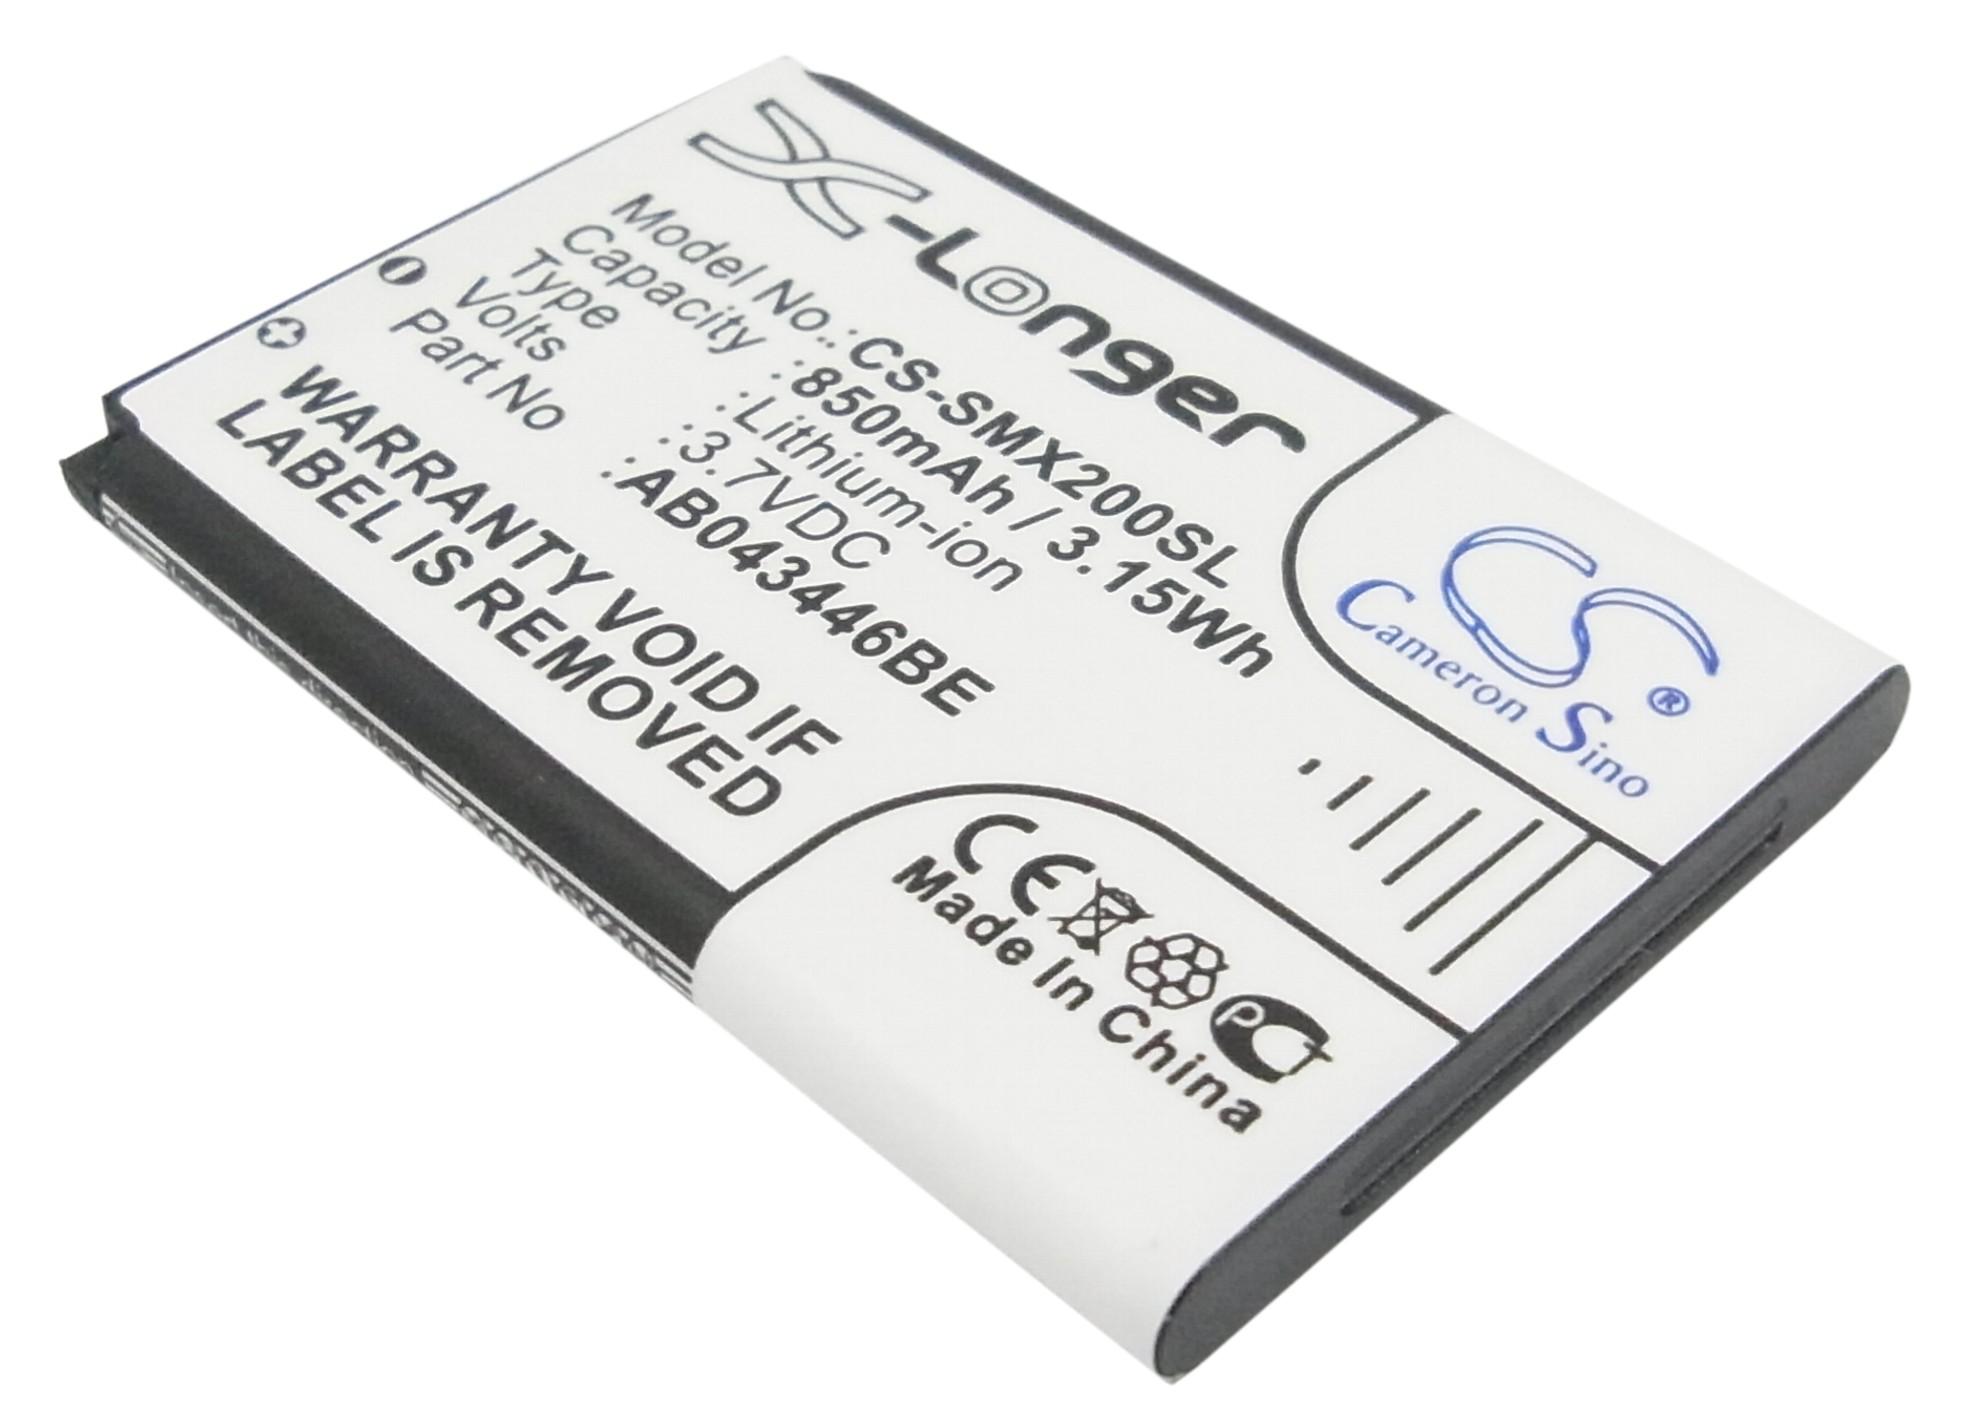 Cameron Sino baterie do mobilů pro SAMSUNG SGH-B130 3.7V Li-ion 850mAh černá - neoriginální